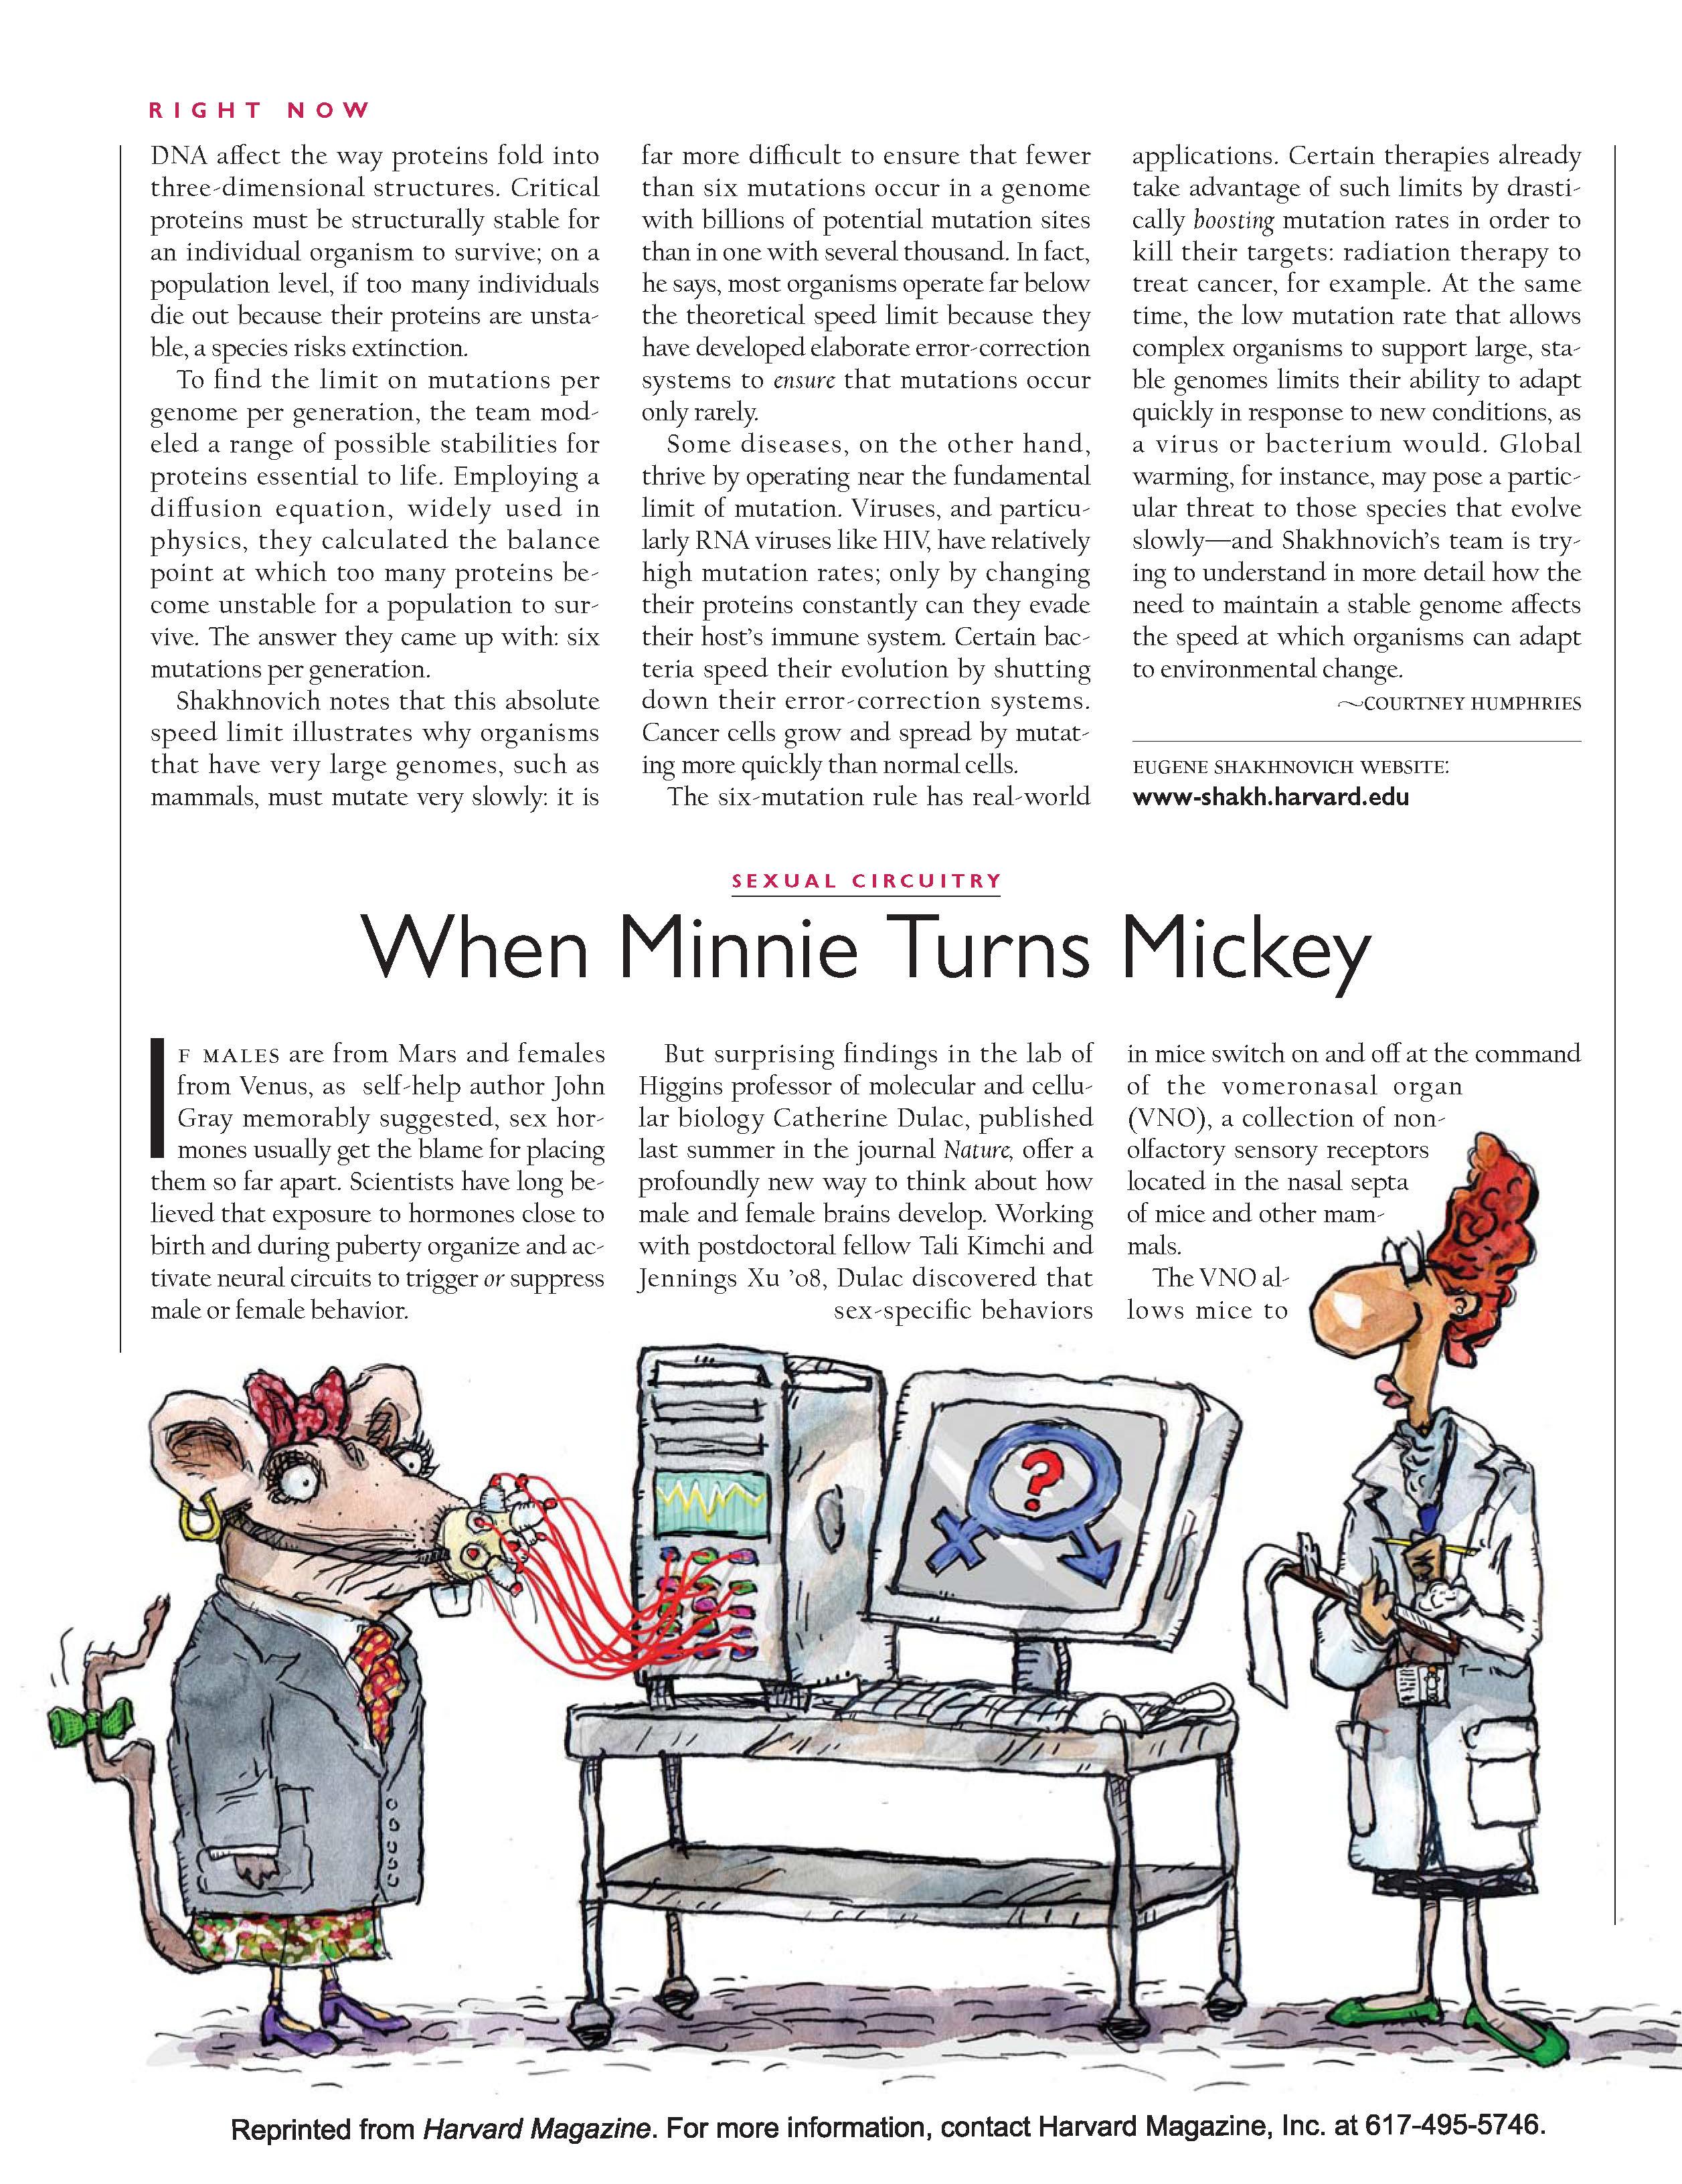 When Minnie Turns Mickey